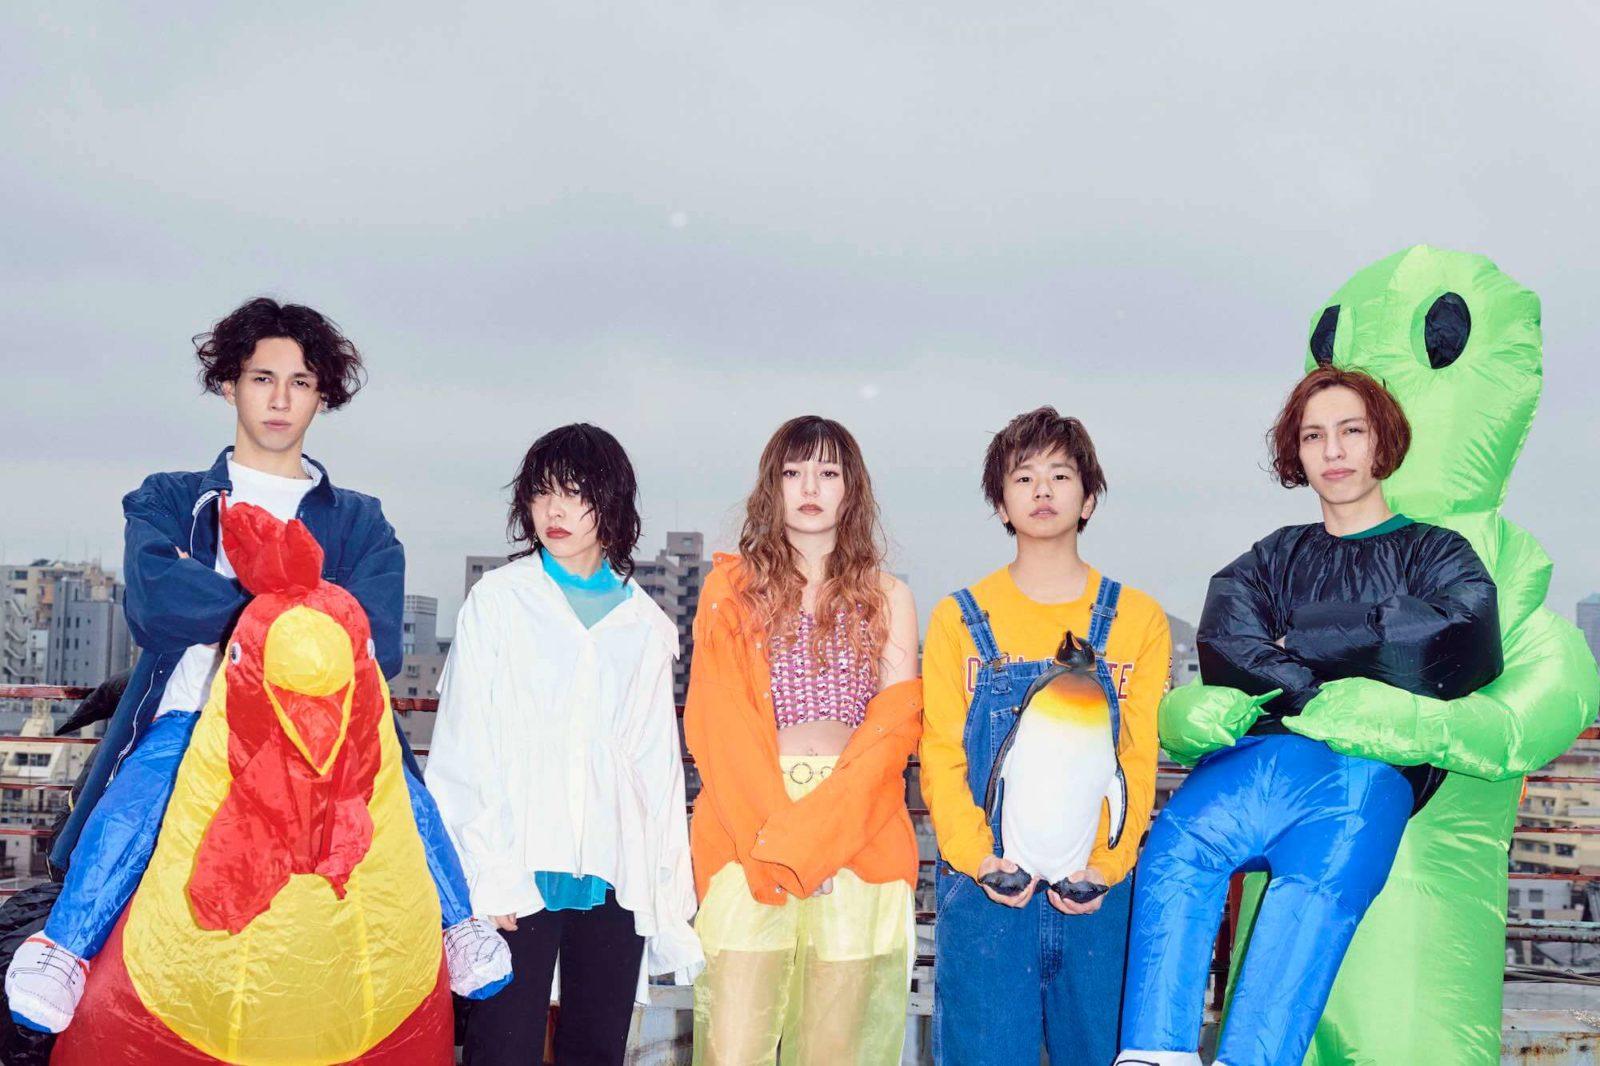 長野発FAITH「Yellow Road」を突き進むMV公開&ツアーゲスト第1弾発表サムネイル画像